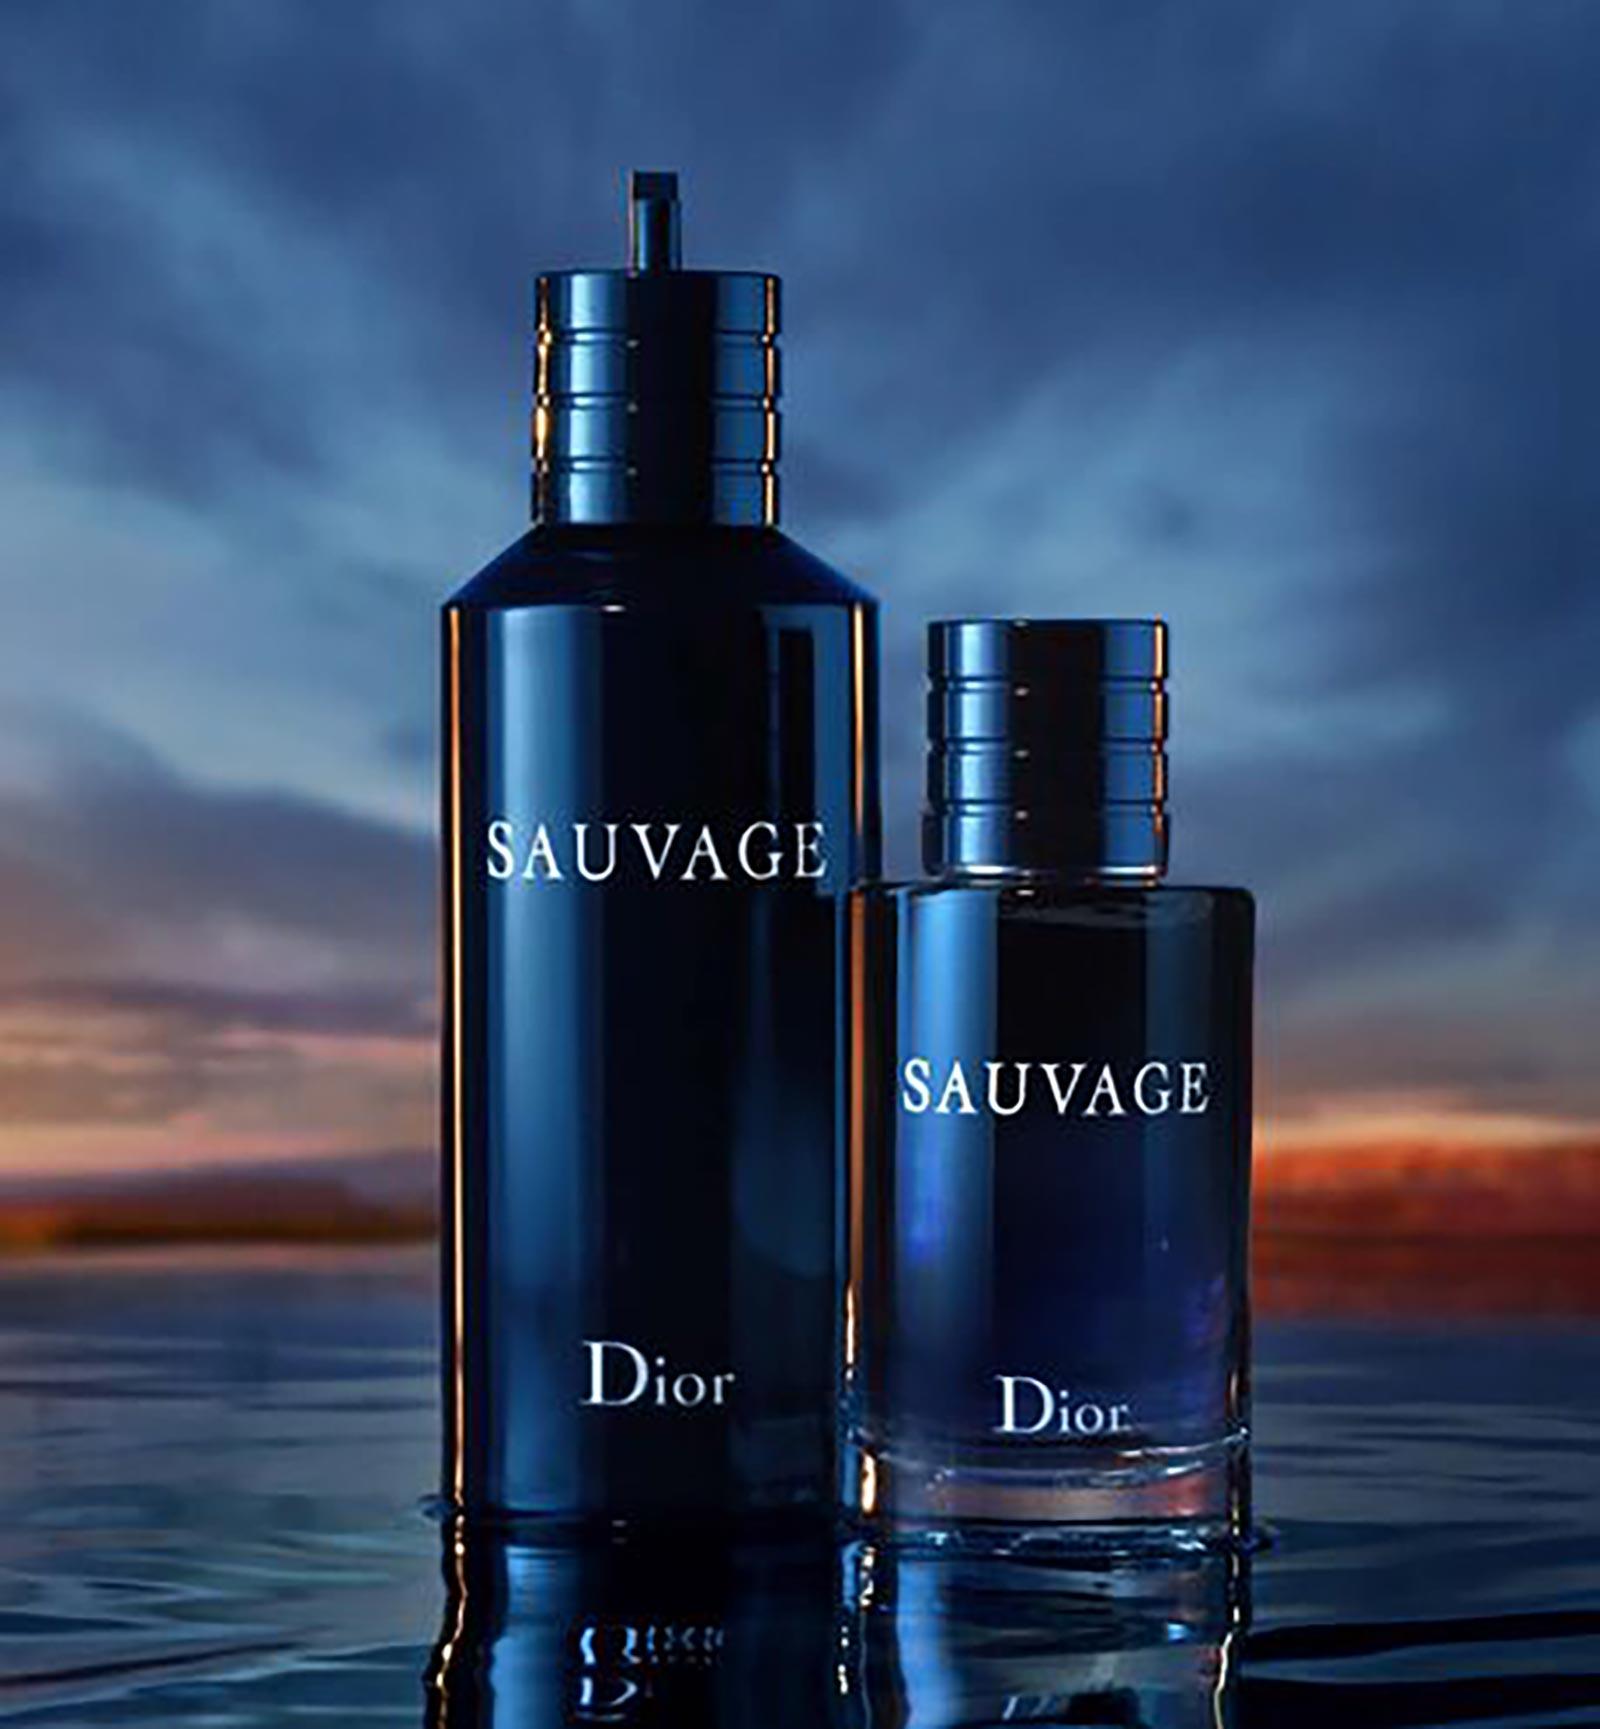 Asana case study - Parfums Christian Dior